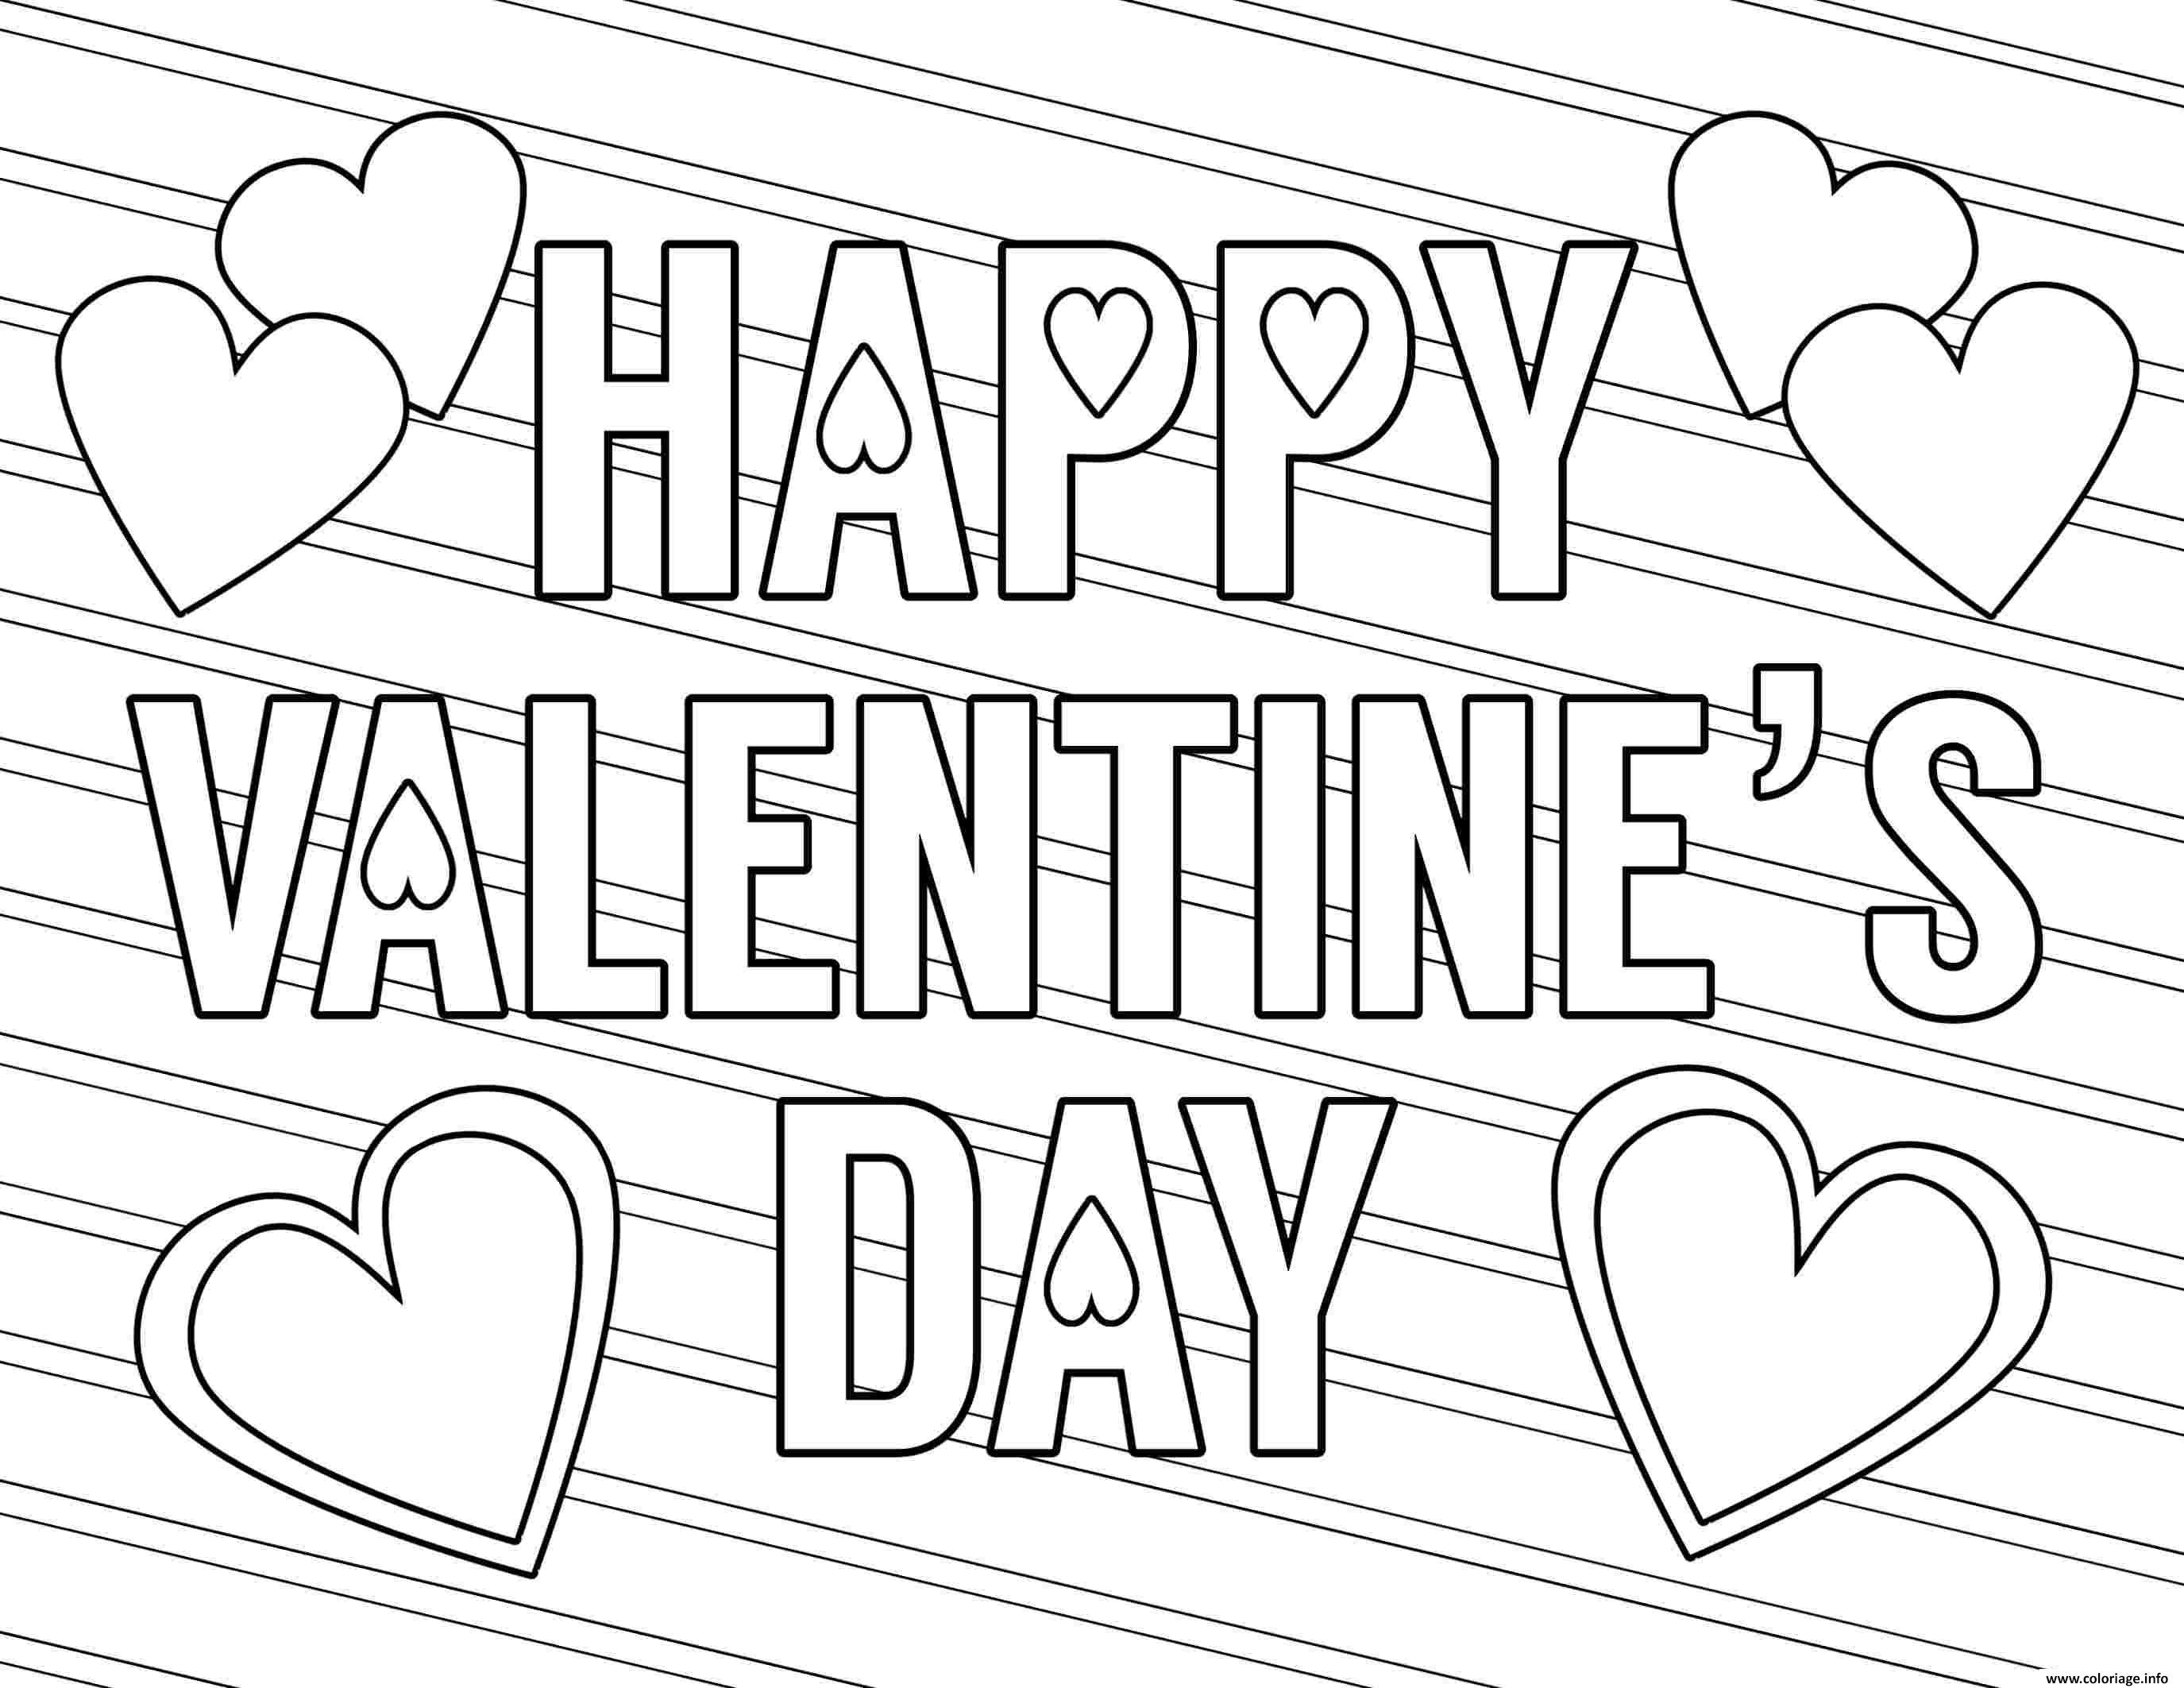 Dessin happy valentines day free love Coloriage Gratuit à Imprimer